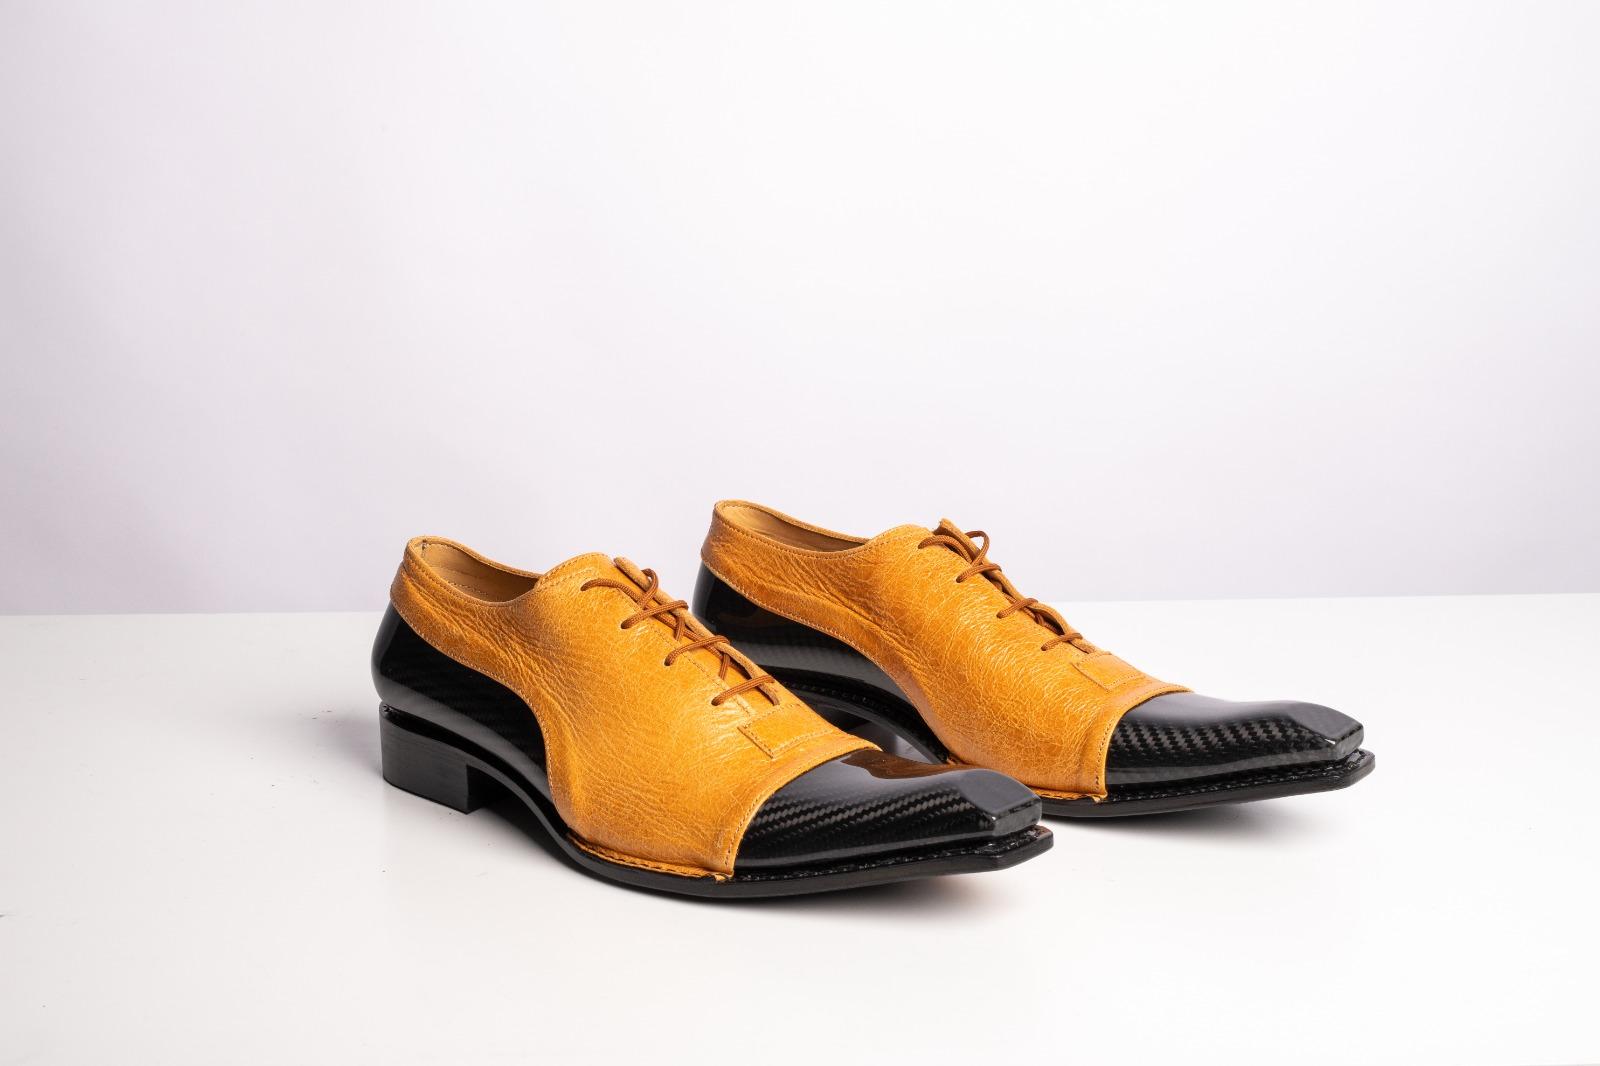 scarpe in pelle e fibra di carbonio